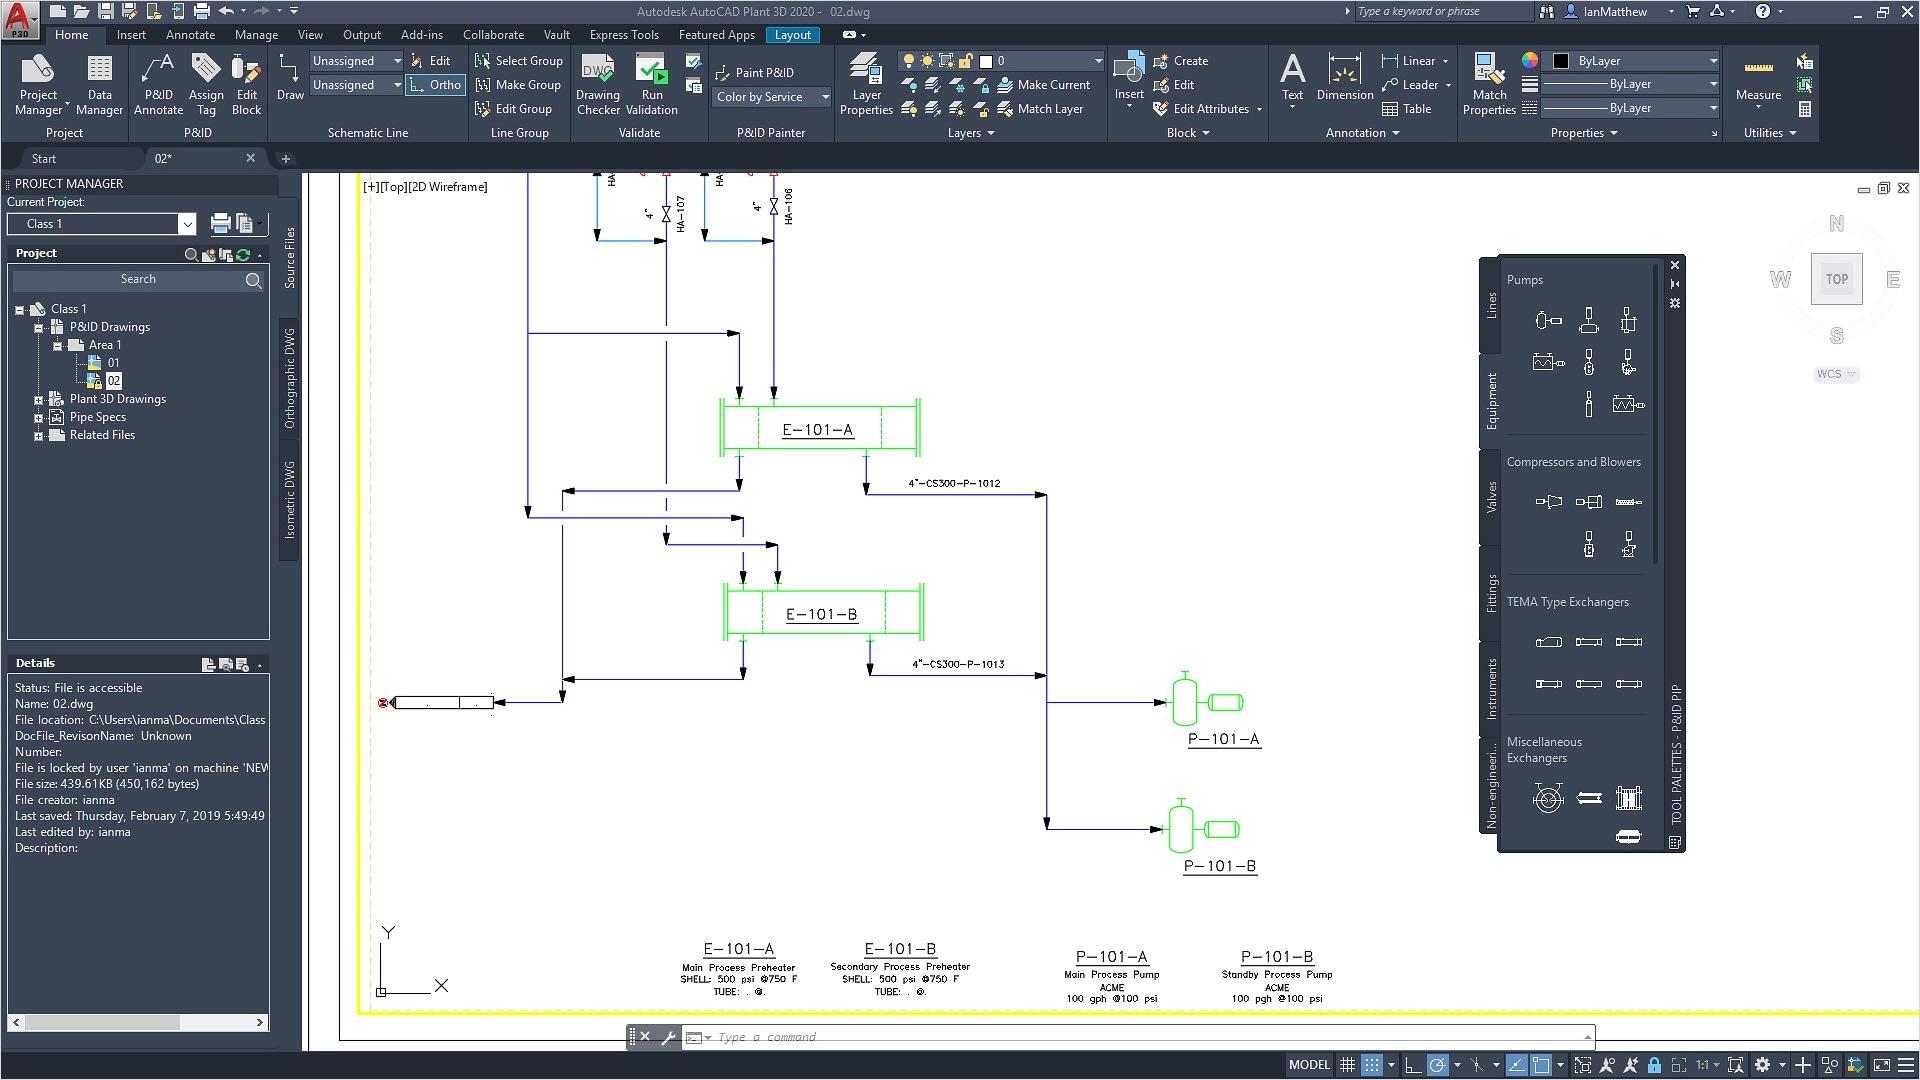 AutoCAD Plant 3D Toolset | 3D Plant Design & Layout Software